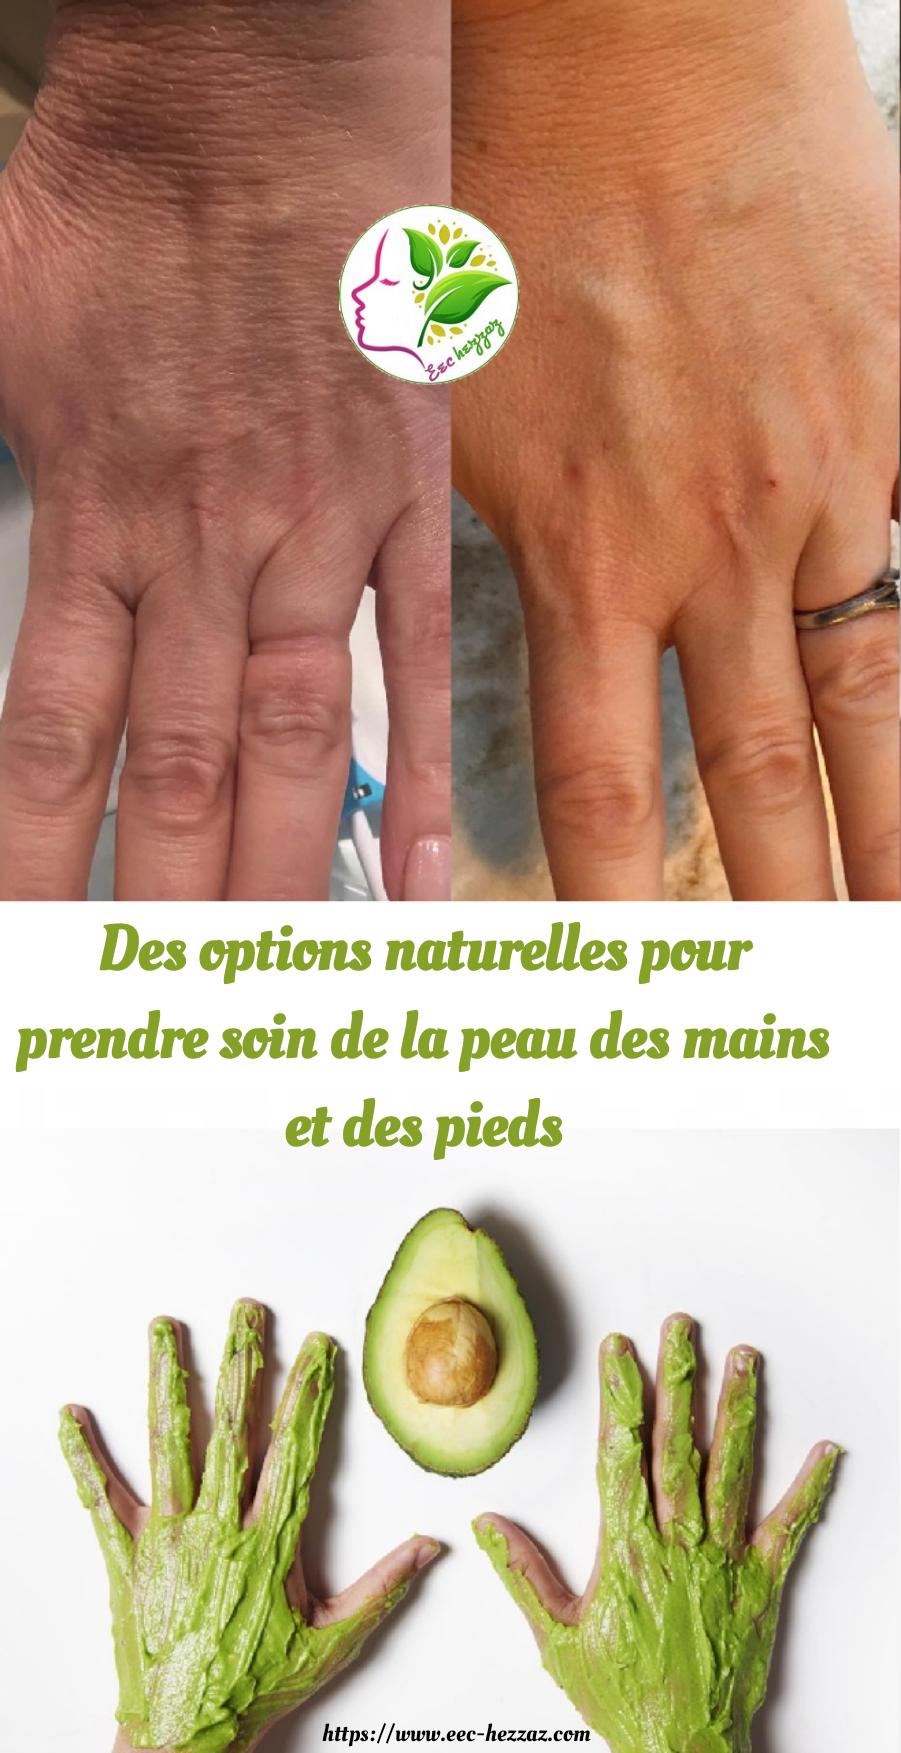 Des options naturelles pour prendre soin de la peau des mains et des pieds